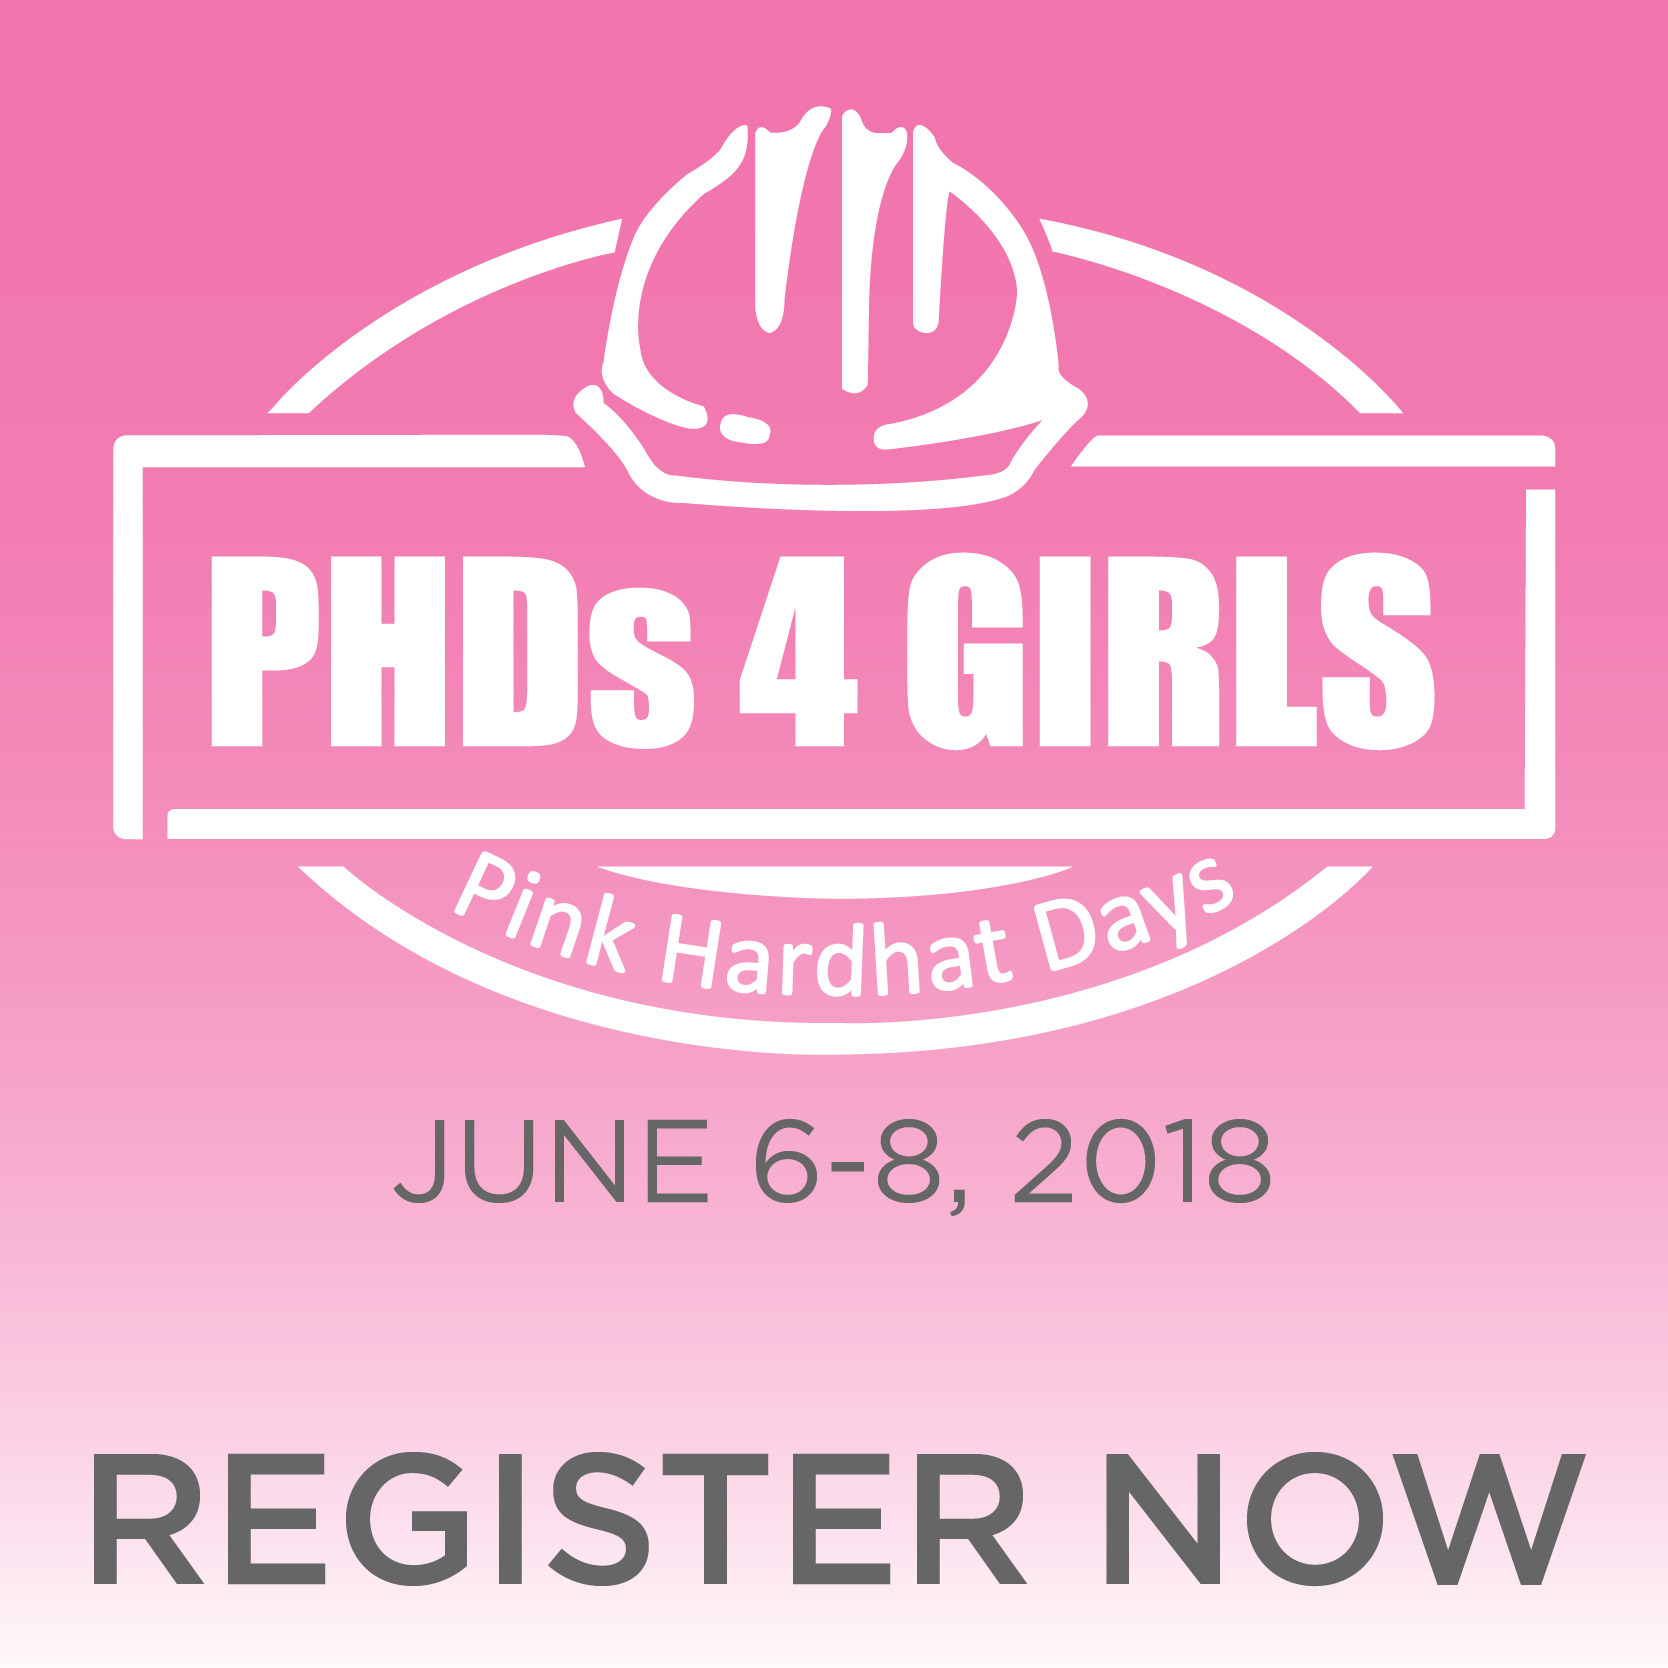 Pink Hardhat Days - June 6-8, 2018 - Register Now